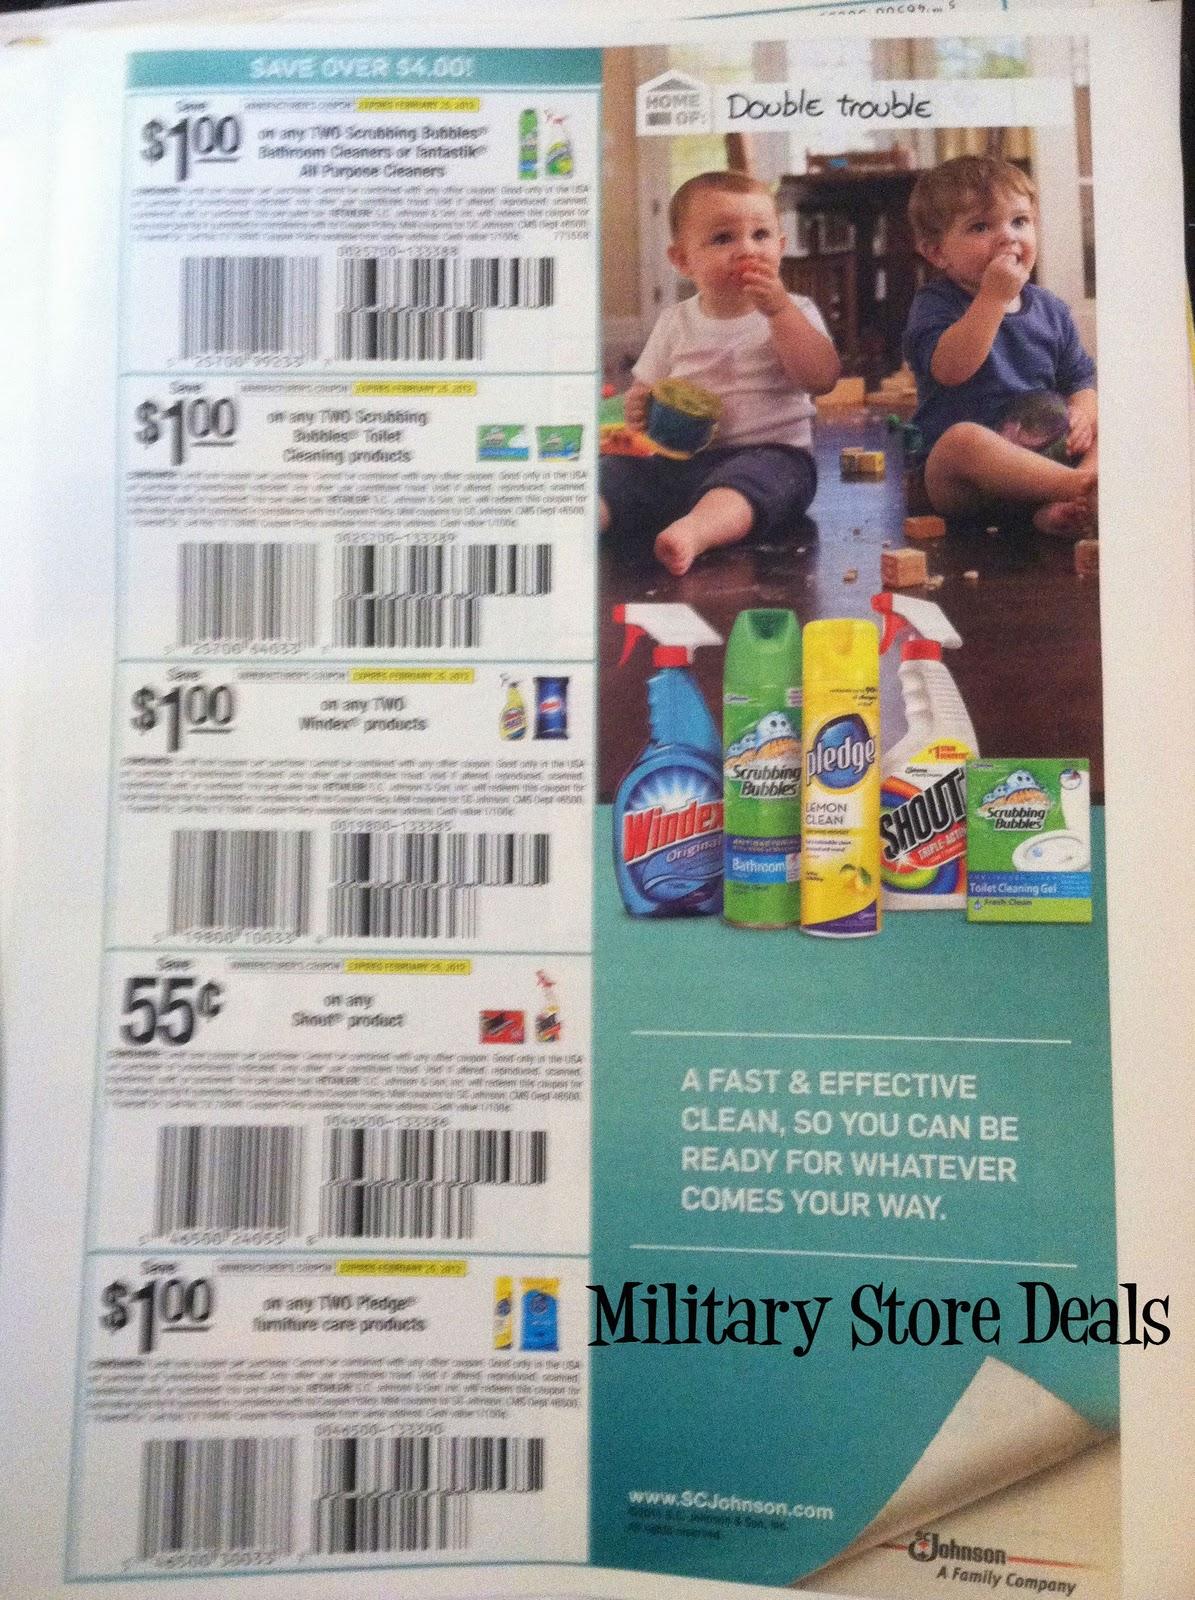 Sc johnson company coupons